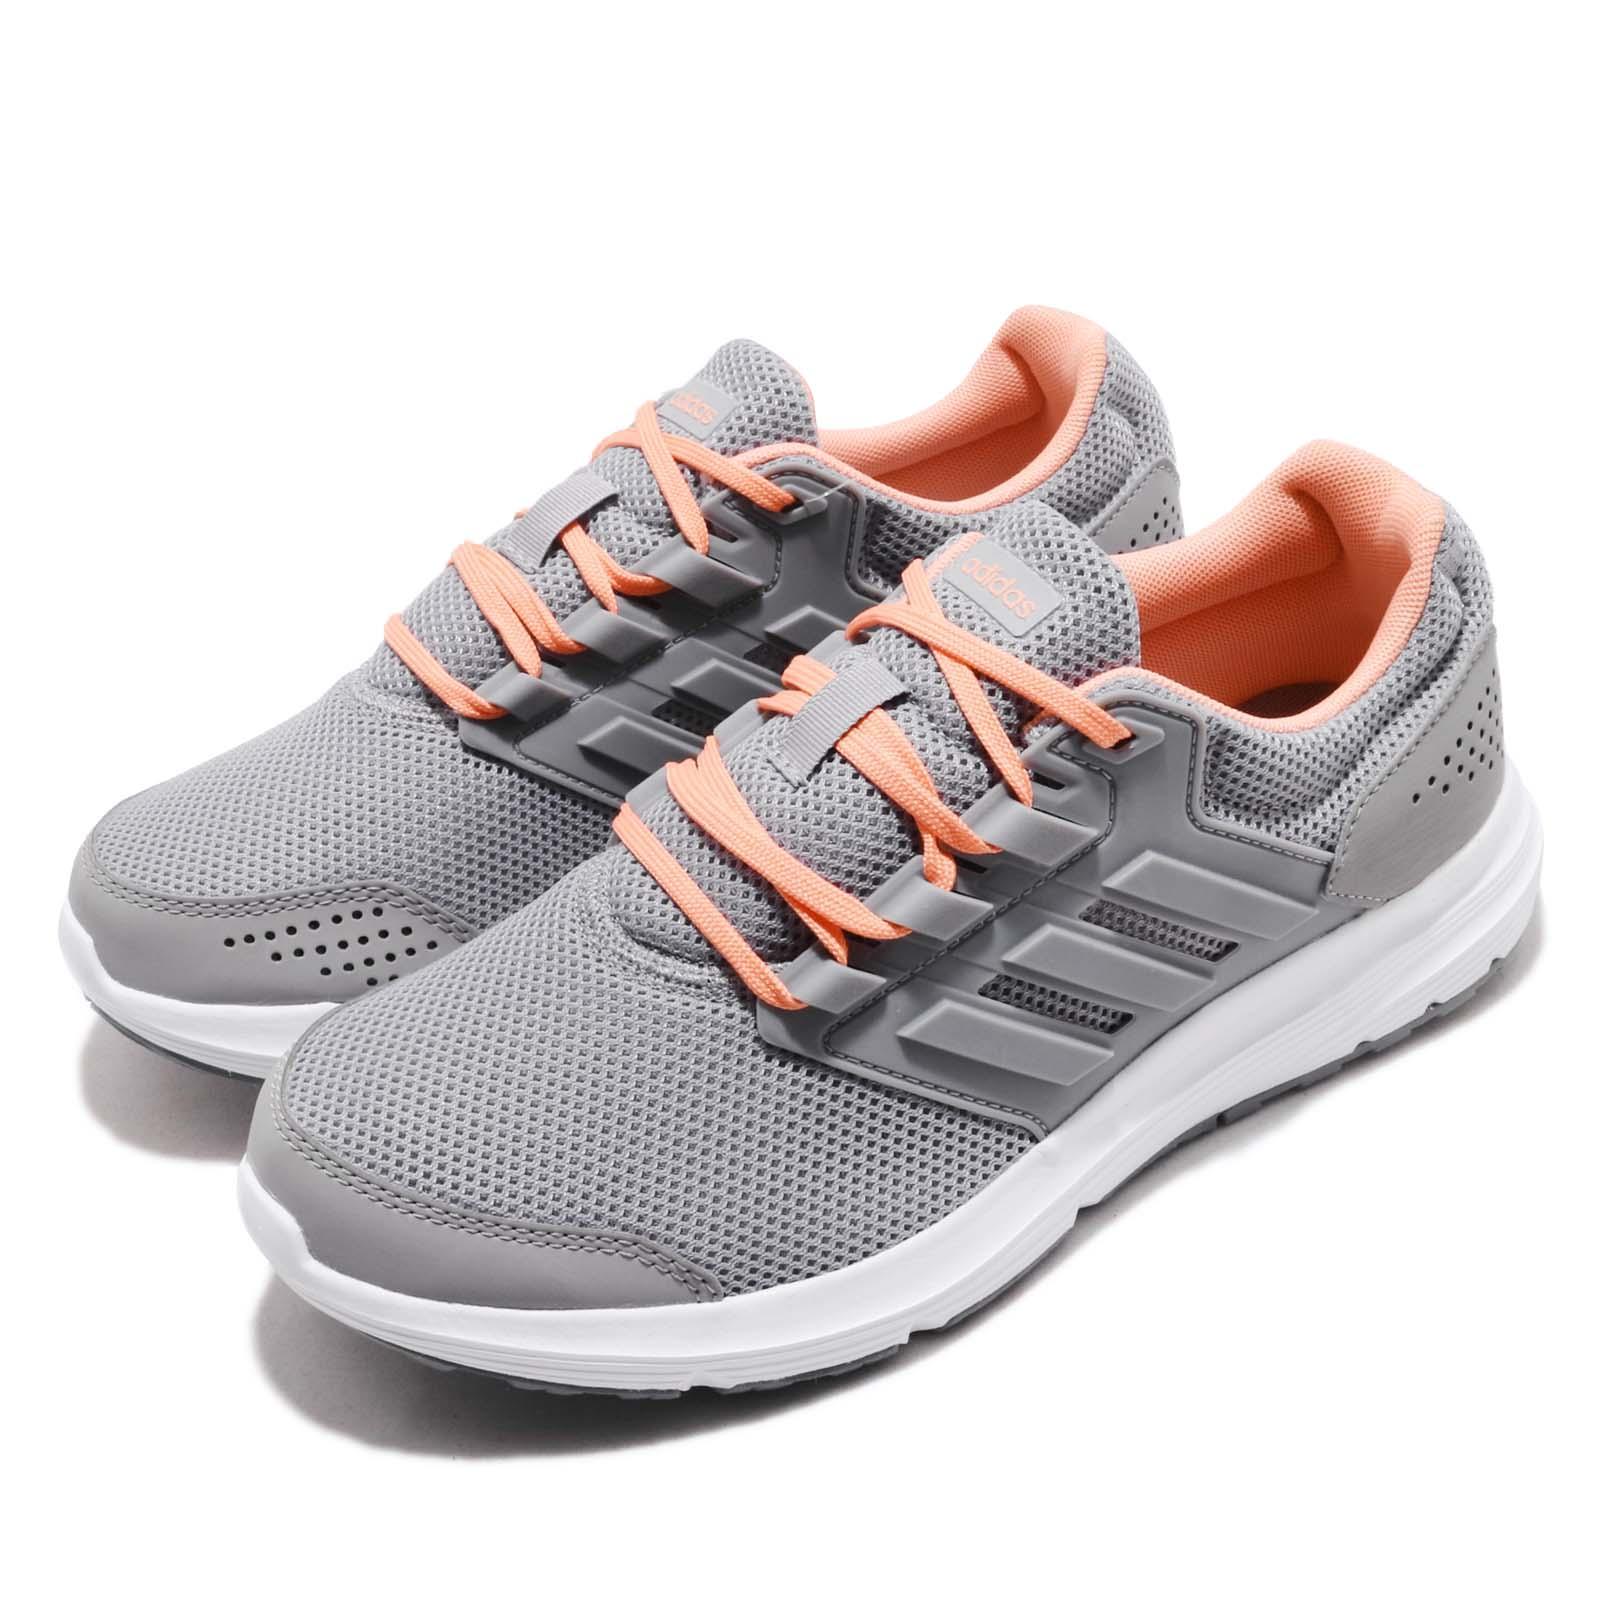 adidas 慢跑鞋 Galaxy 4 低筒 運動 女鞋 B43834